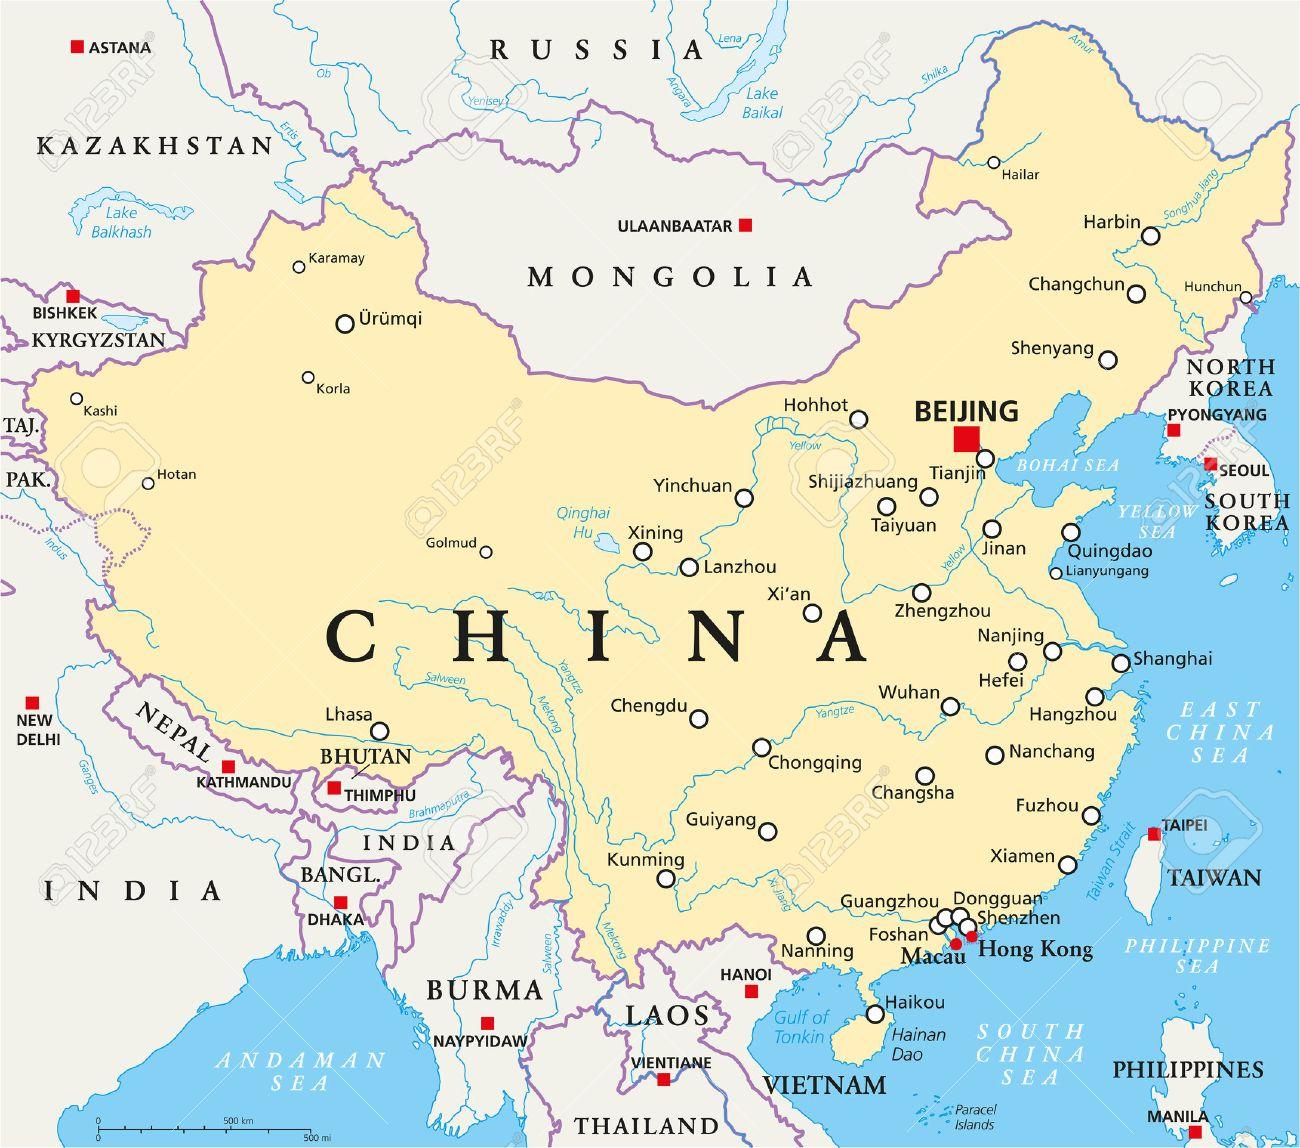 Carte Chine Frontiere.Carte Politique De La Chine Avec Beijing Capital Les Frontieres Nationales Les Villes Importantes Rivieres Et Lacs Etiquetage Anglais Et Mise A